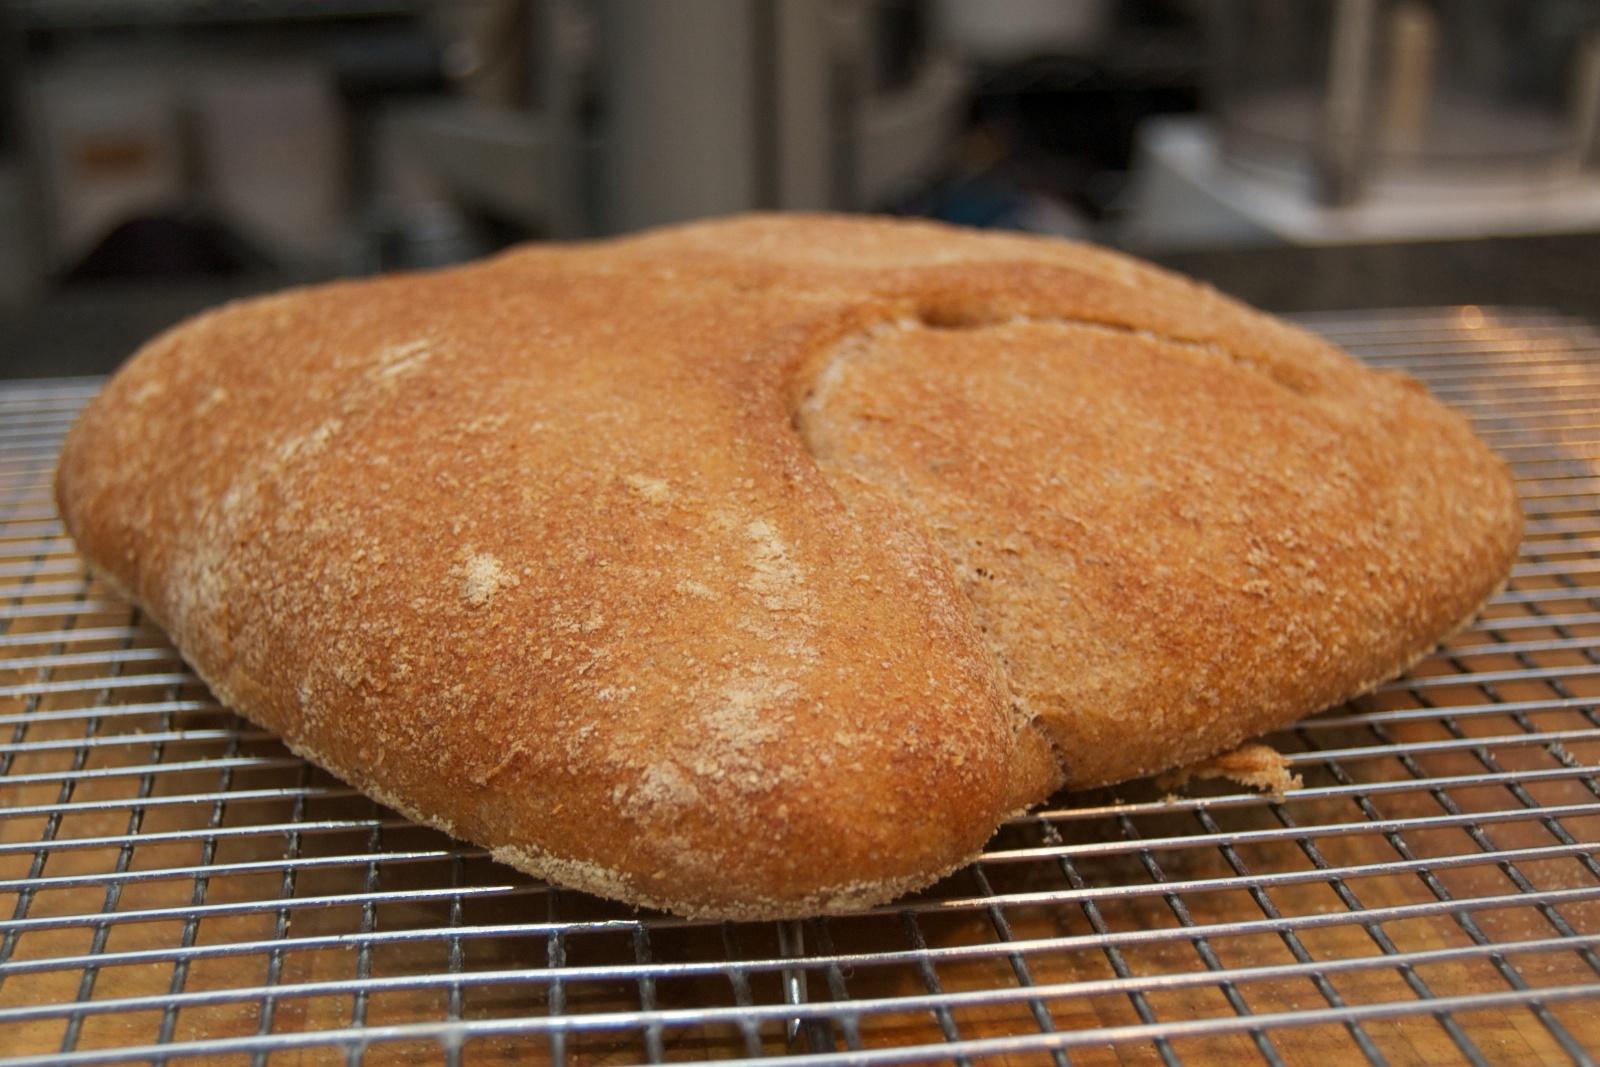 http://blog.rickk.com/food/2011/01/15/ciabatta4.jpg